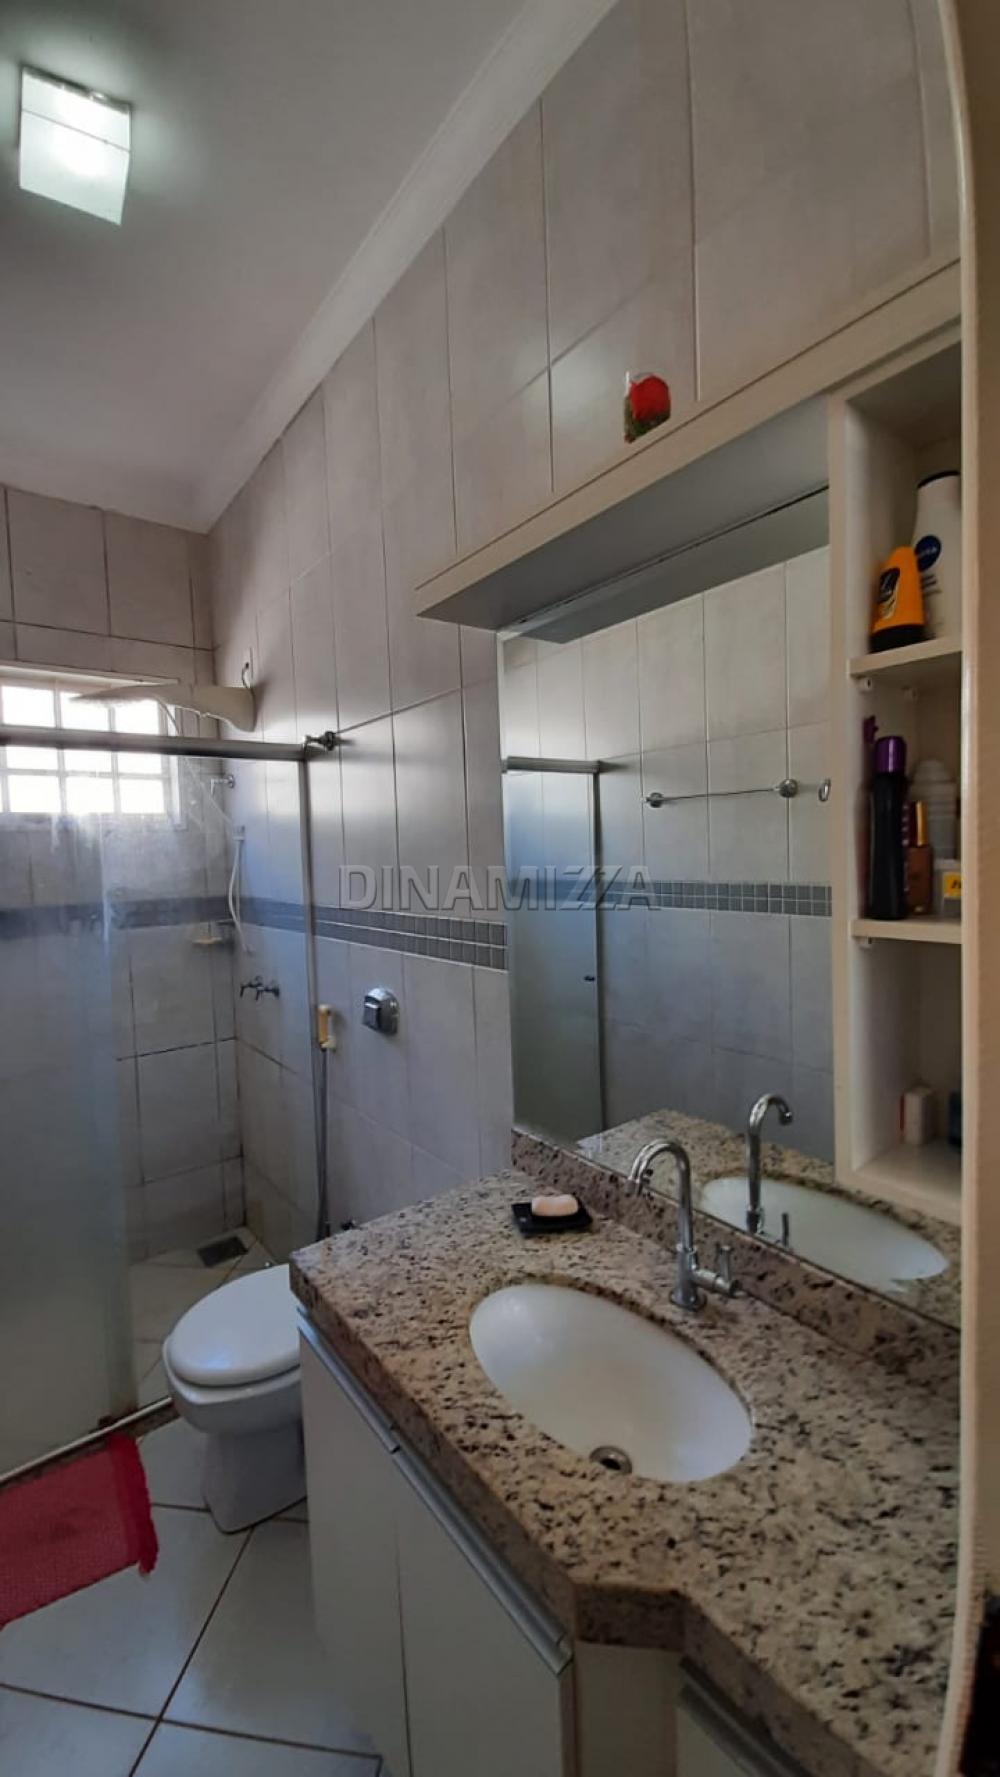 Alugar Casa / Padrão em Uberaba apenas R$ 3.500,00 - Foto 24